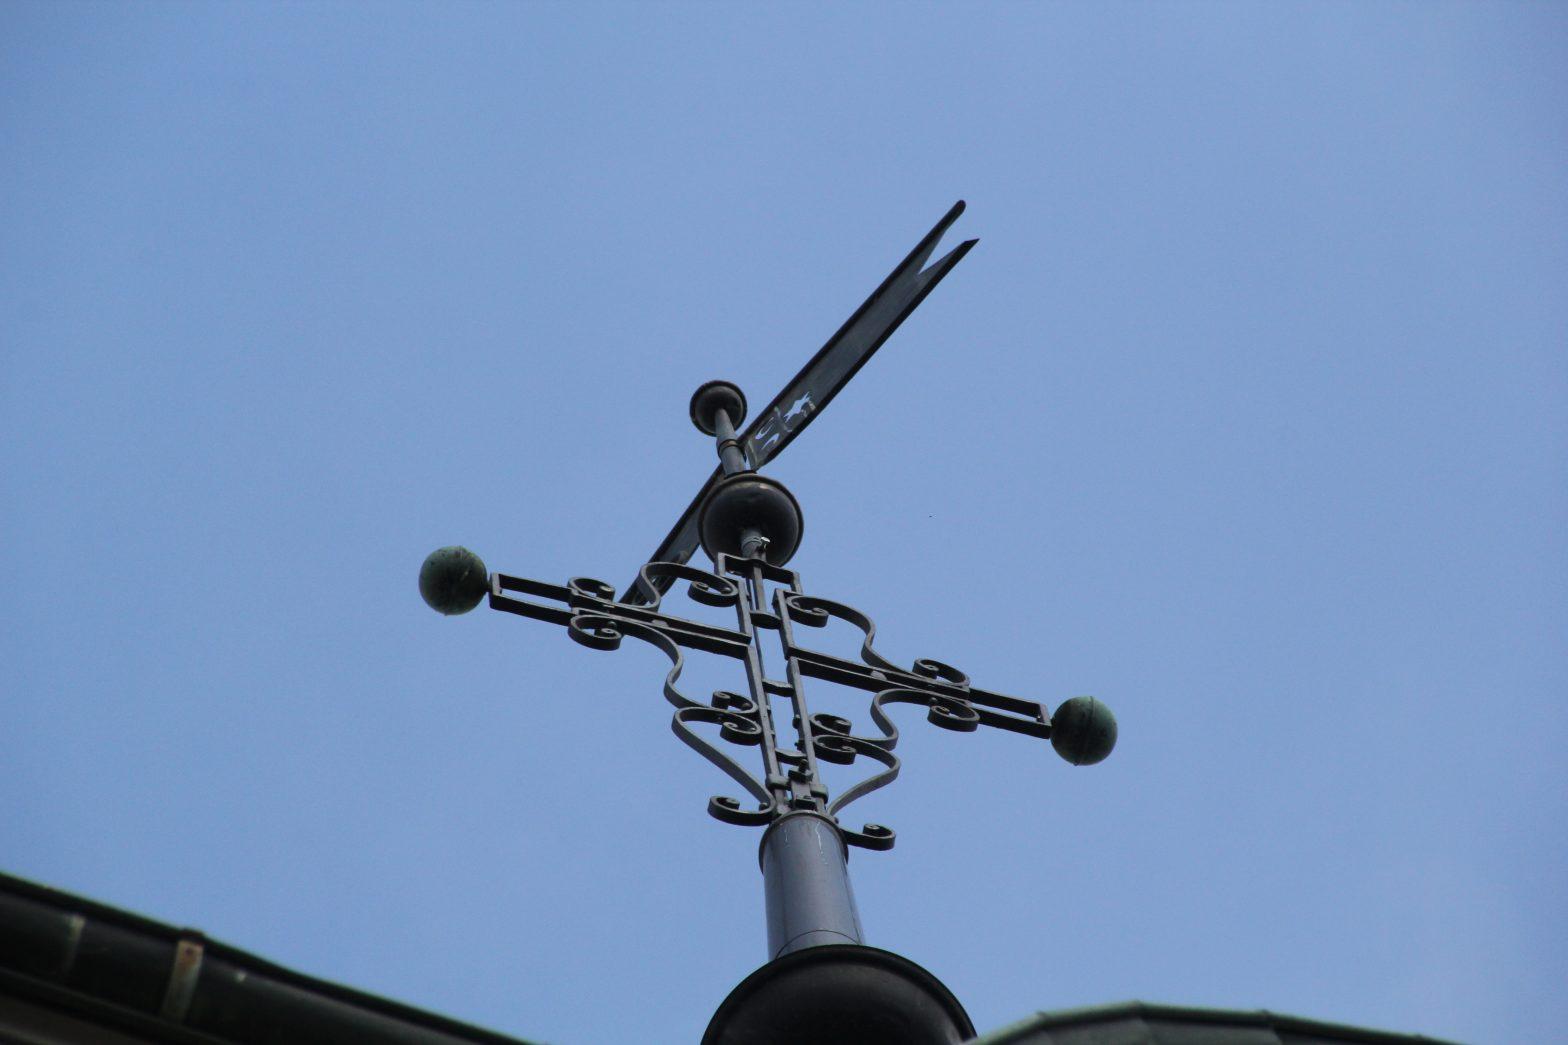 Das Kreuz auf dem Krichturm in Wahlen. In diesem Kirchturm soll eine Mobilfunkantenne gebaut werden.